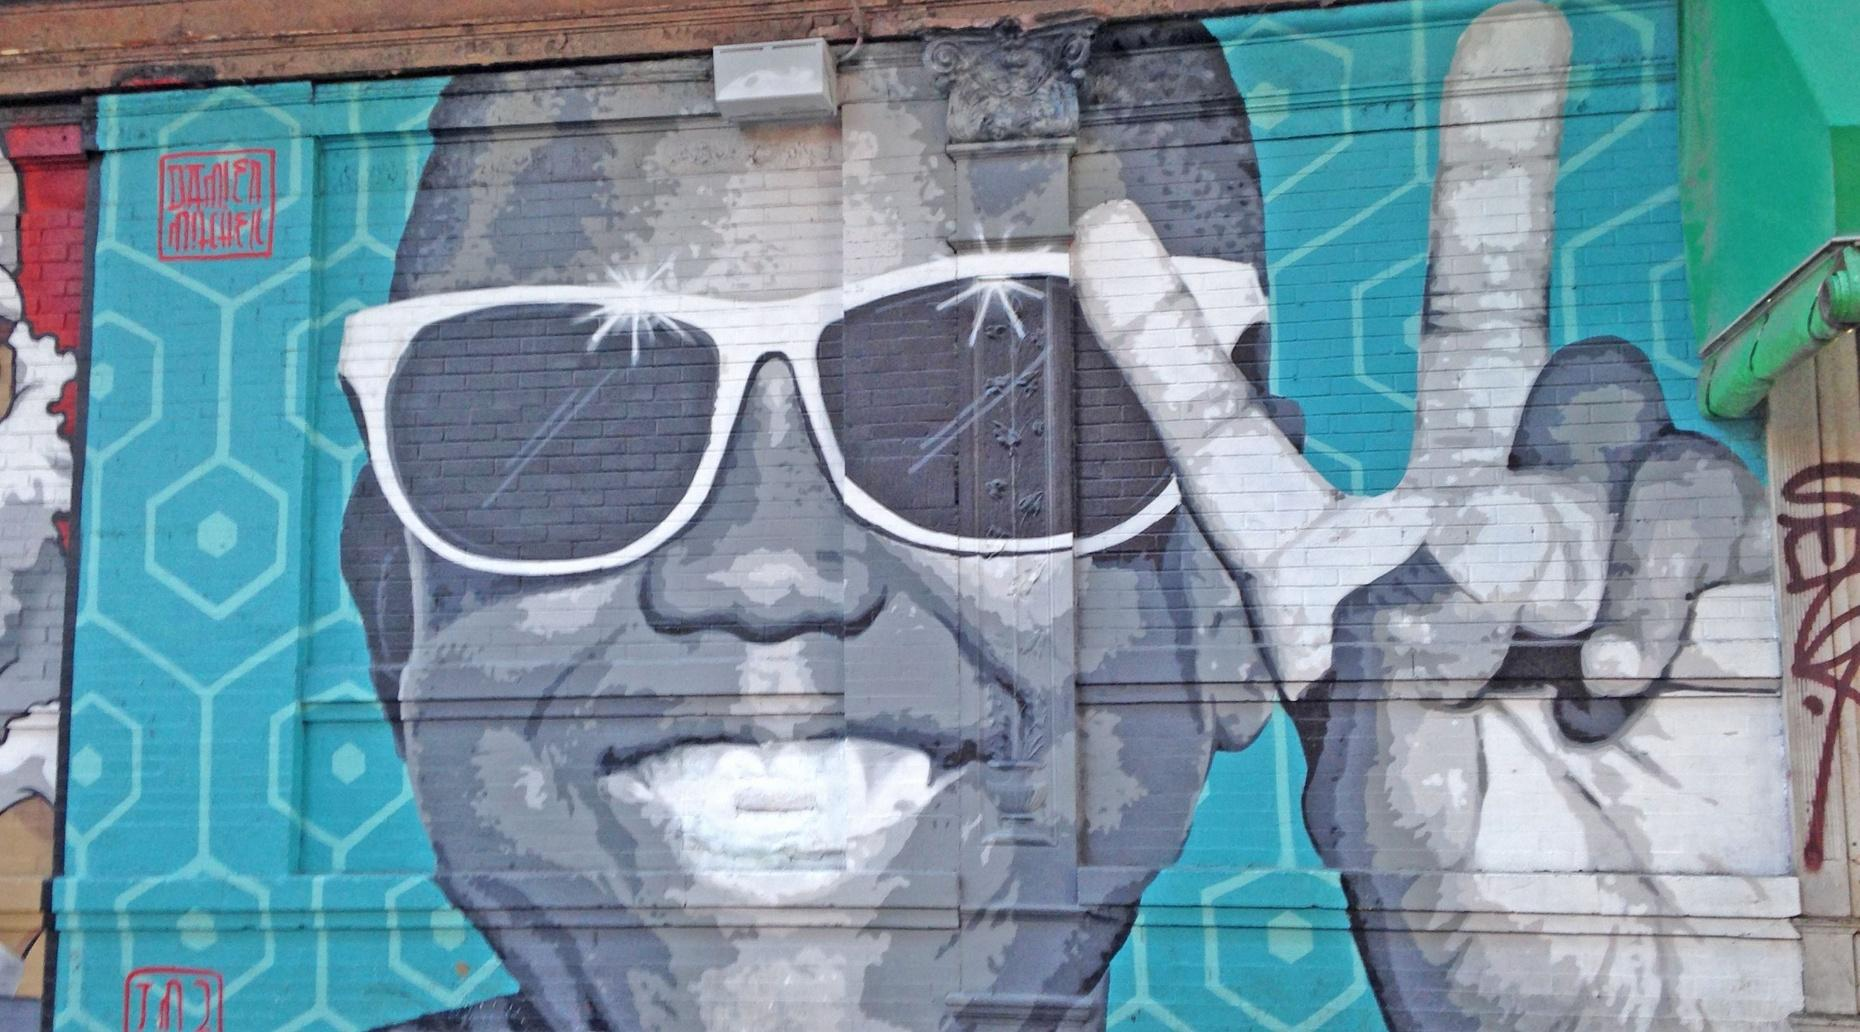 Brooklyn Graffiti & Street Art Walking Tour